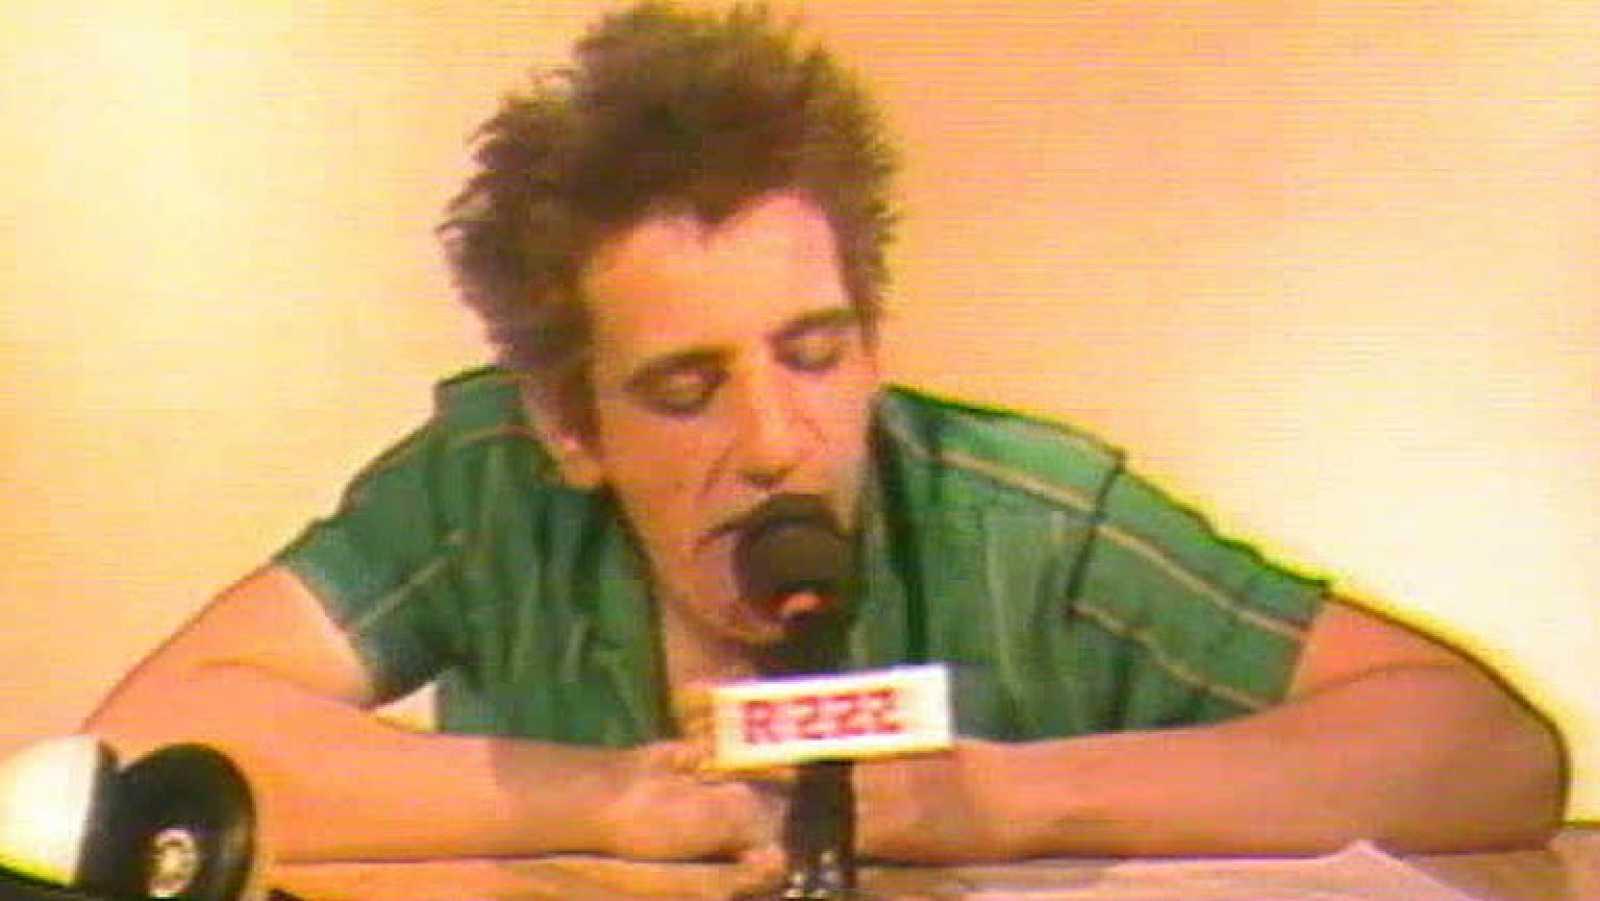 El grupo madrileño Los Esqueletos irrumpió en plena 'Movida' en 1983. Su rock fresco de aires 'punk' fue una sorpresa y su tema 'Radio 222' se convirtió en un importante éxito.